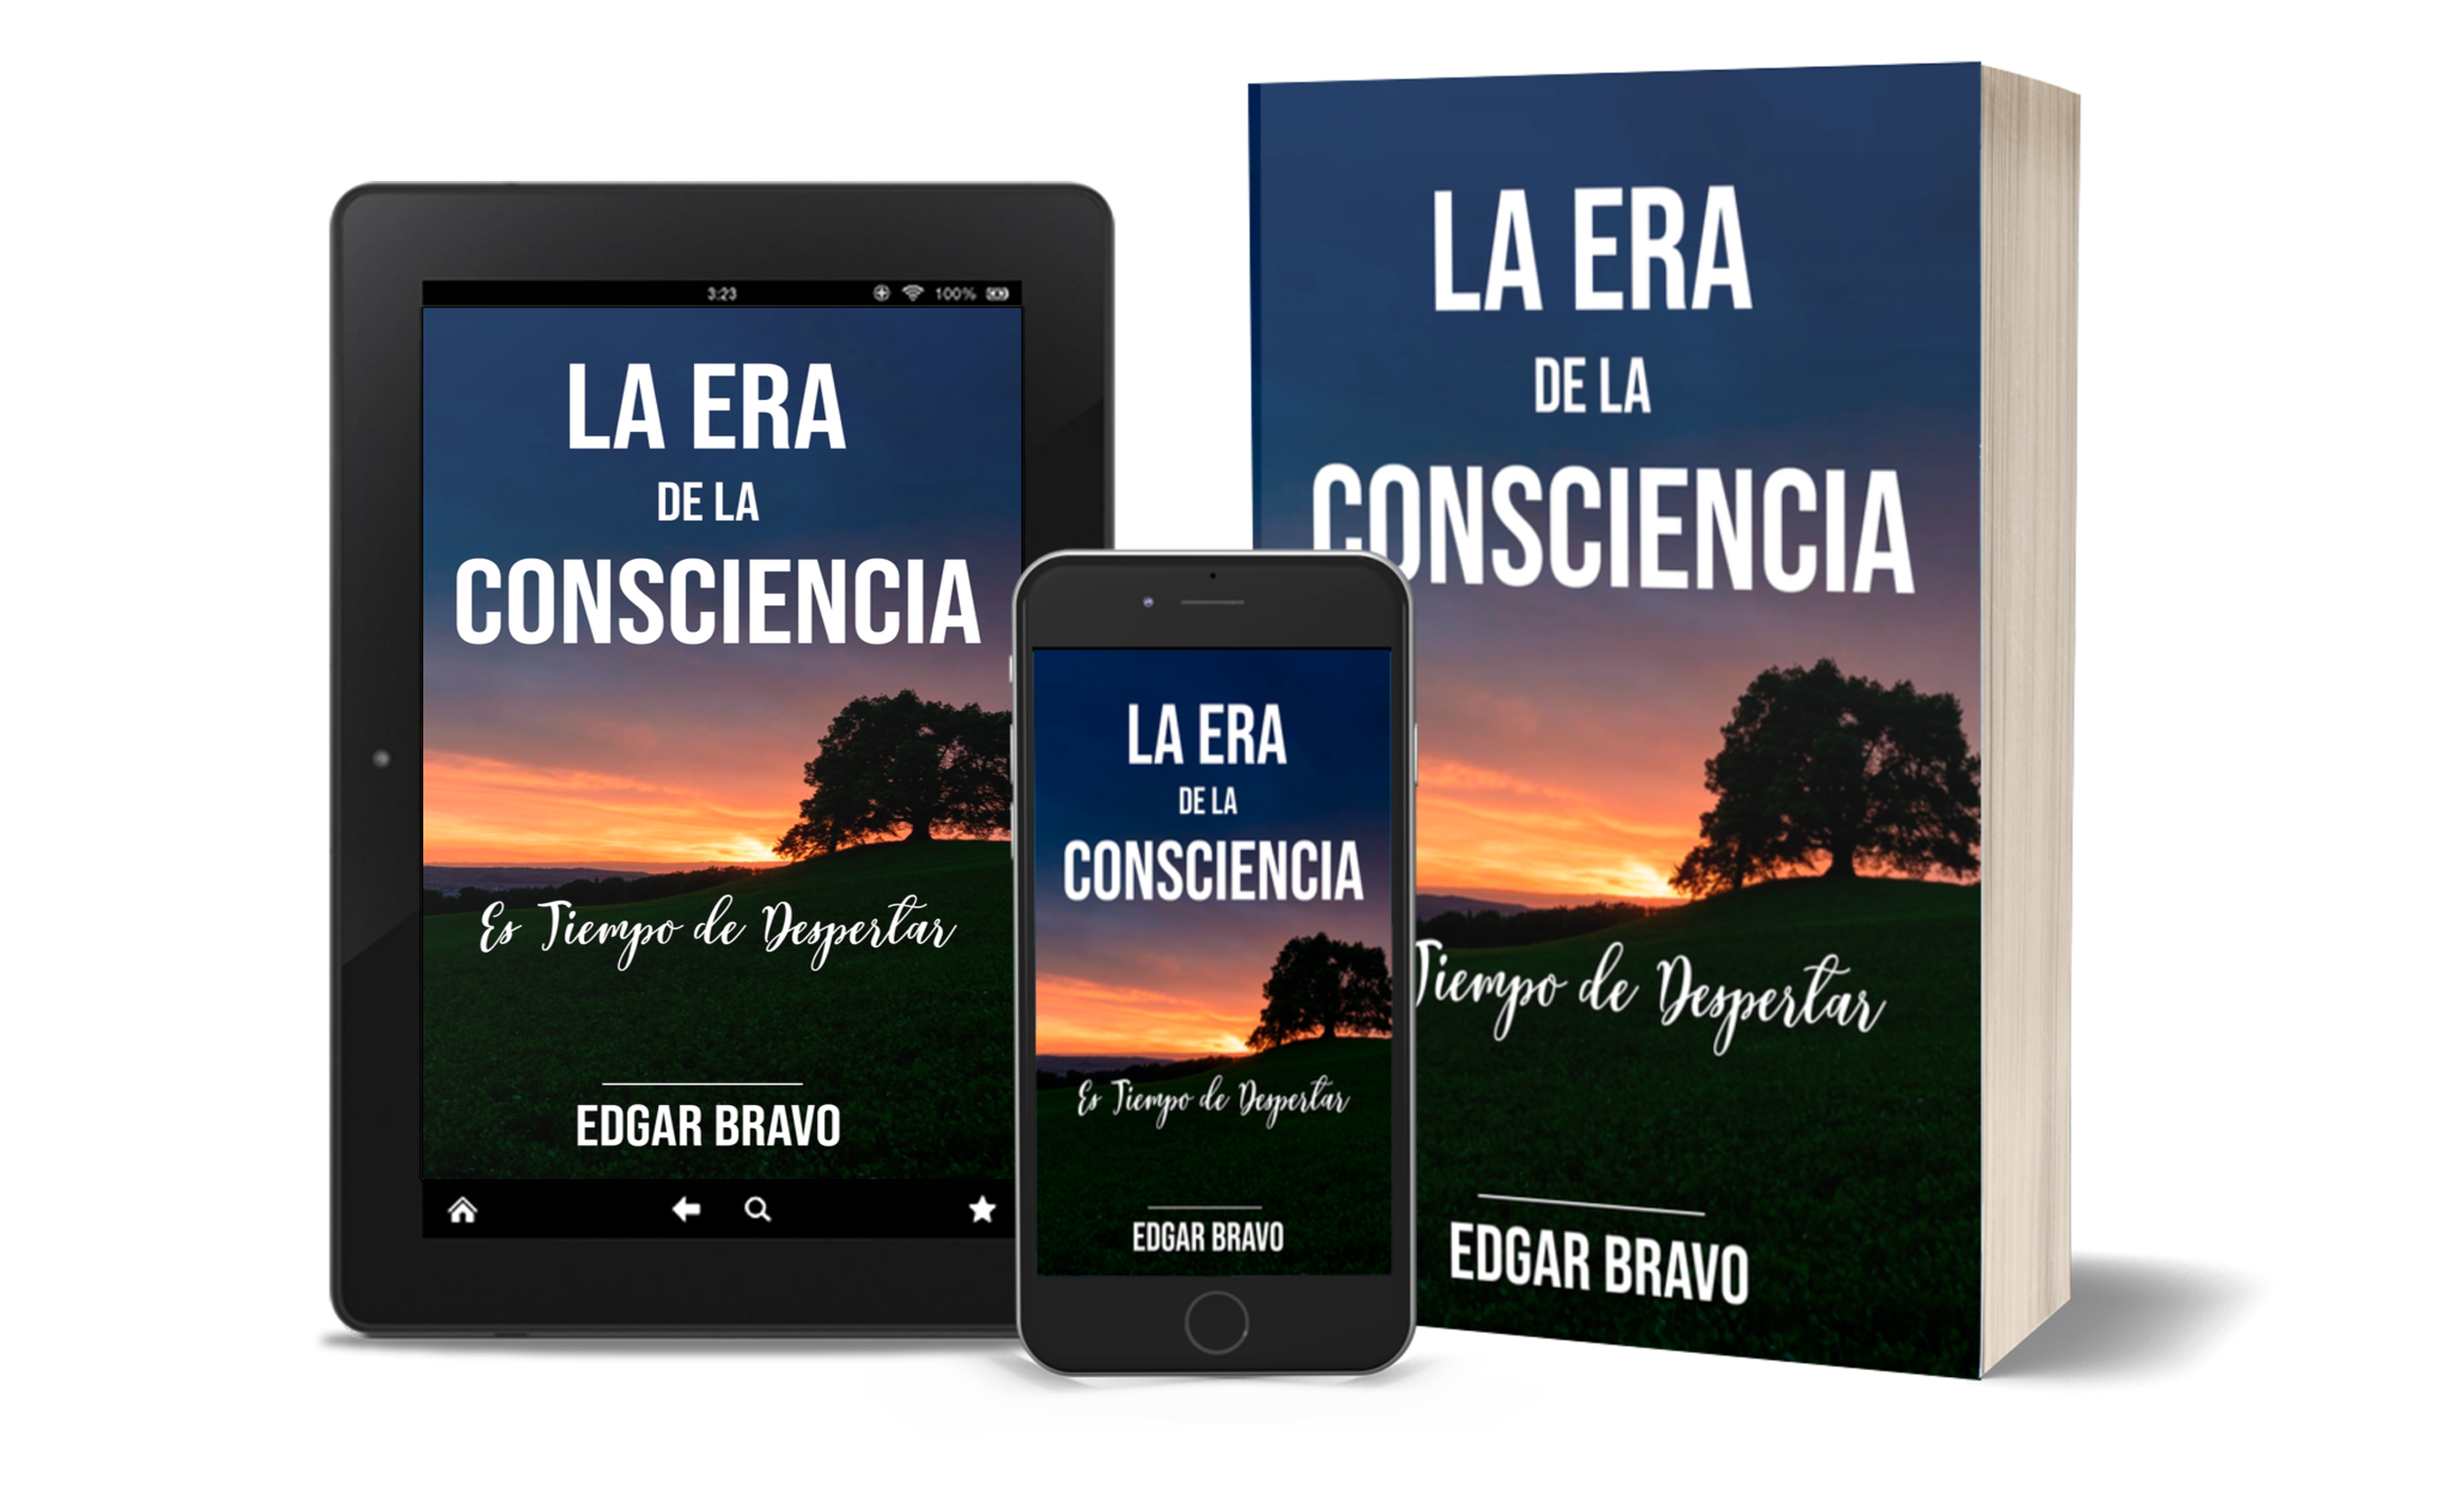 La Era de la Consciencia verdades del ser